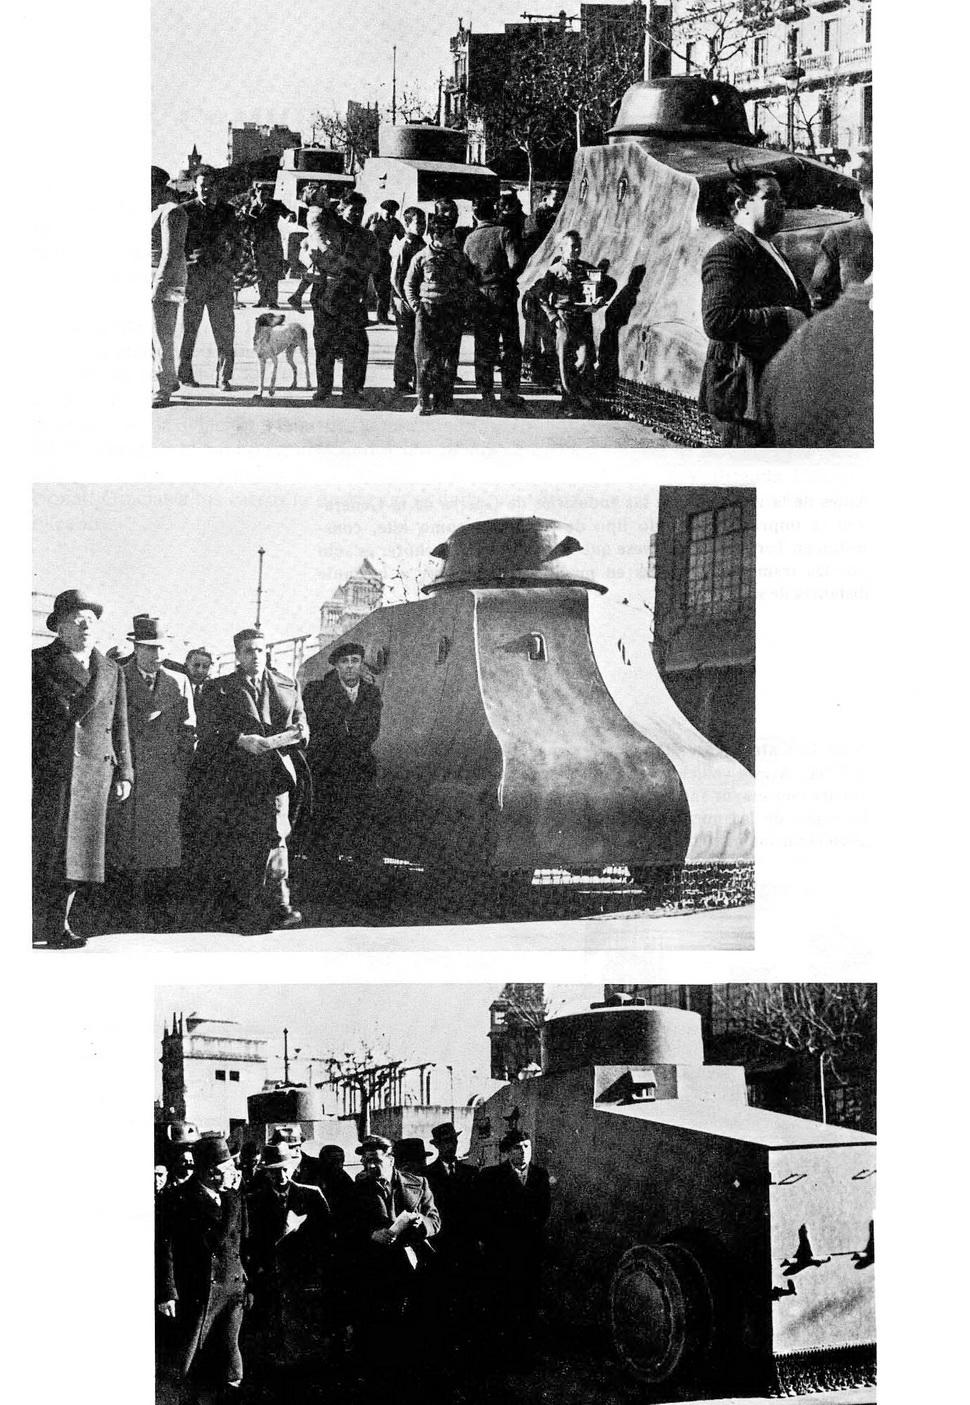 Carros De Combate Y Vehiculos Blindados De La Guerra 1936 1939 [F.C.Albert 1980]_Страница_081.jpg